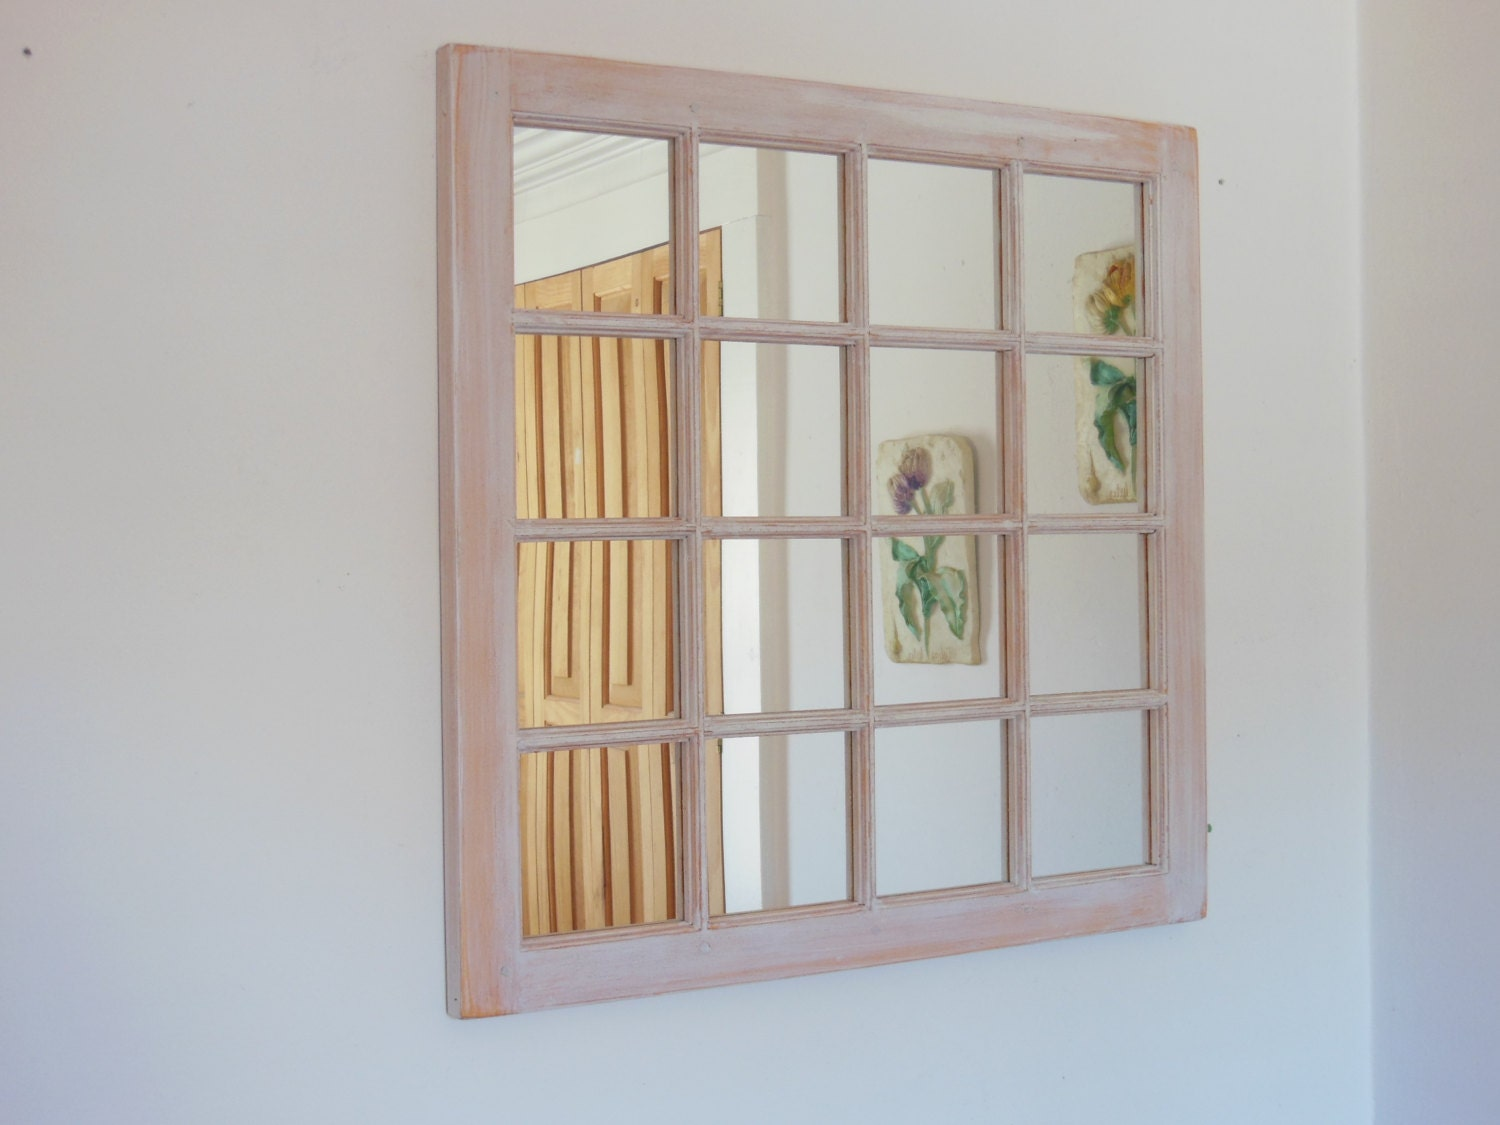 Pr t exp dier fen tre miroir miroir encadr cadre de for Fenetre miroir